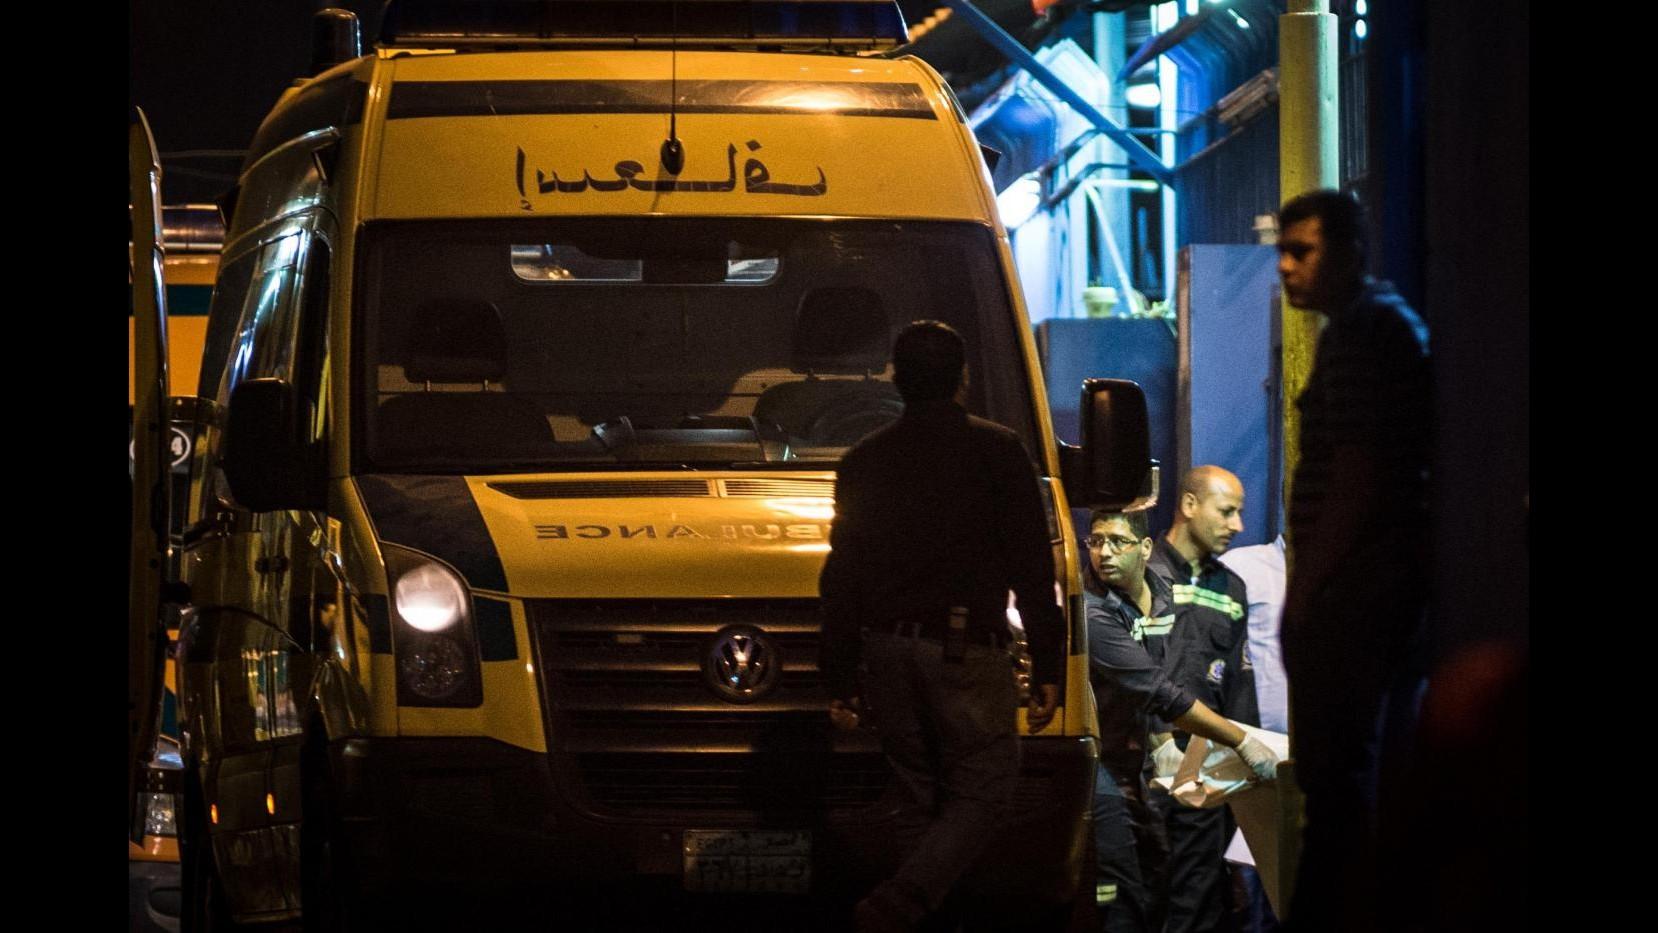 Disastro aereo in Egitto, è stata una valigia-bomba. Londra sospende i voli